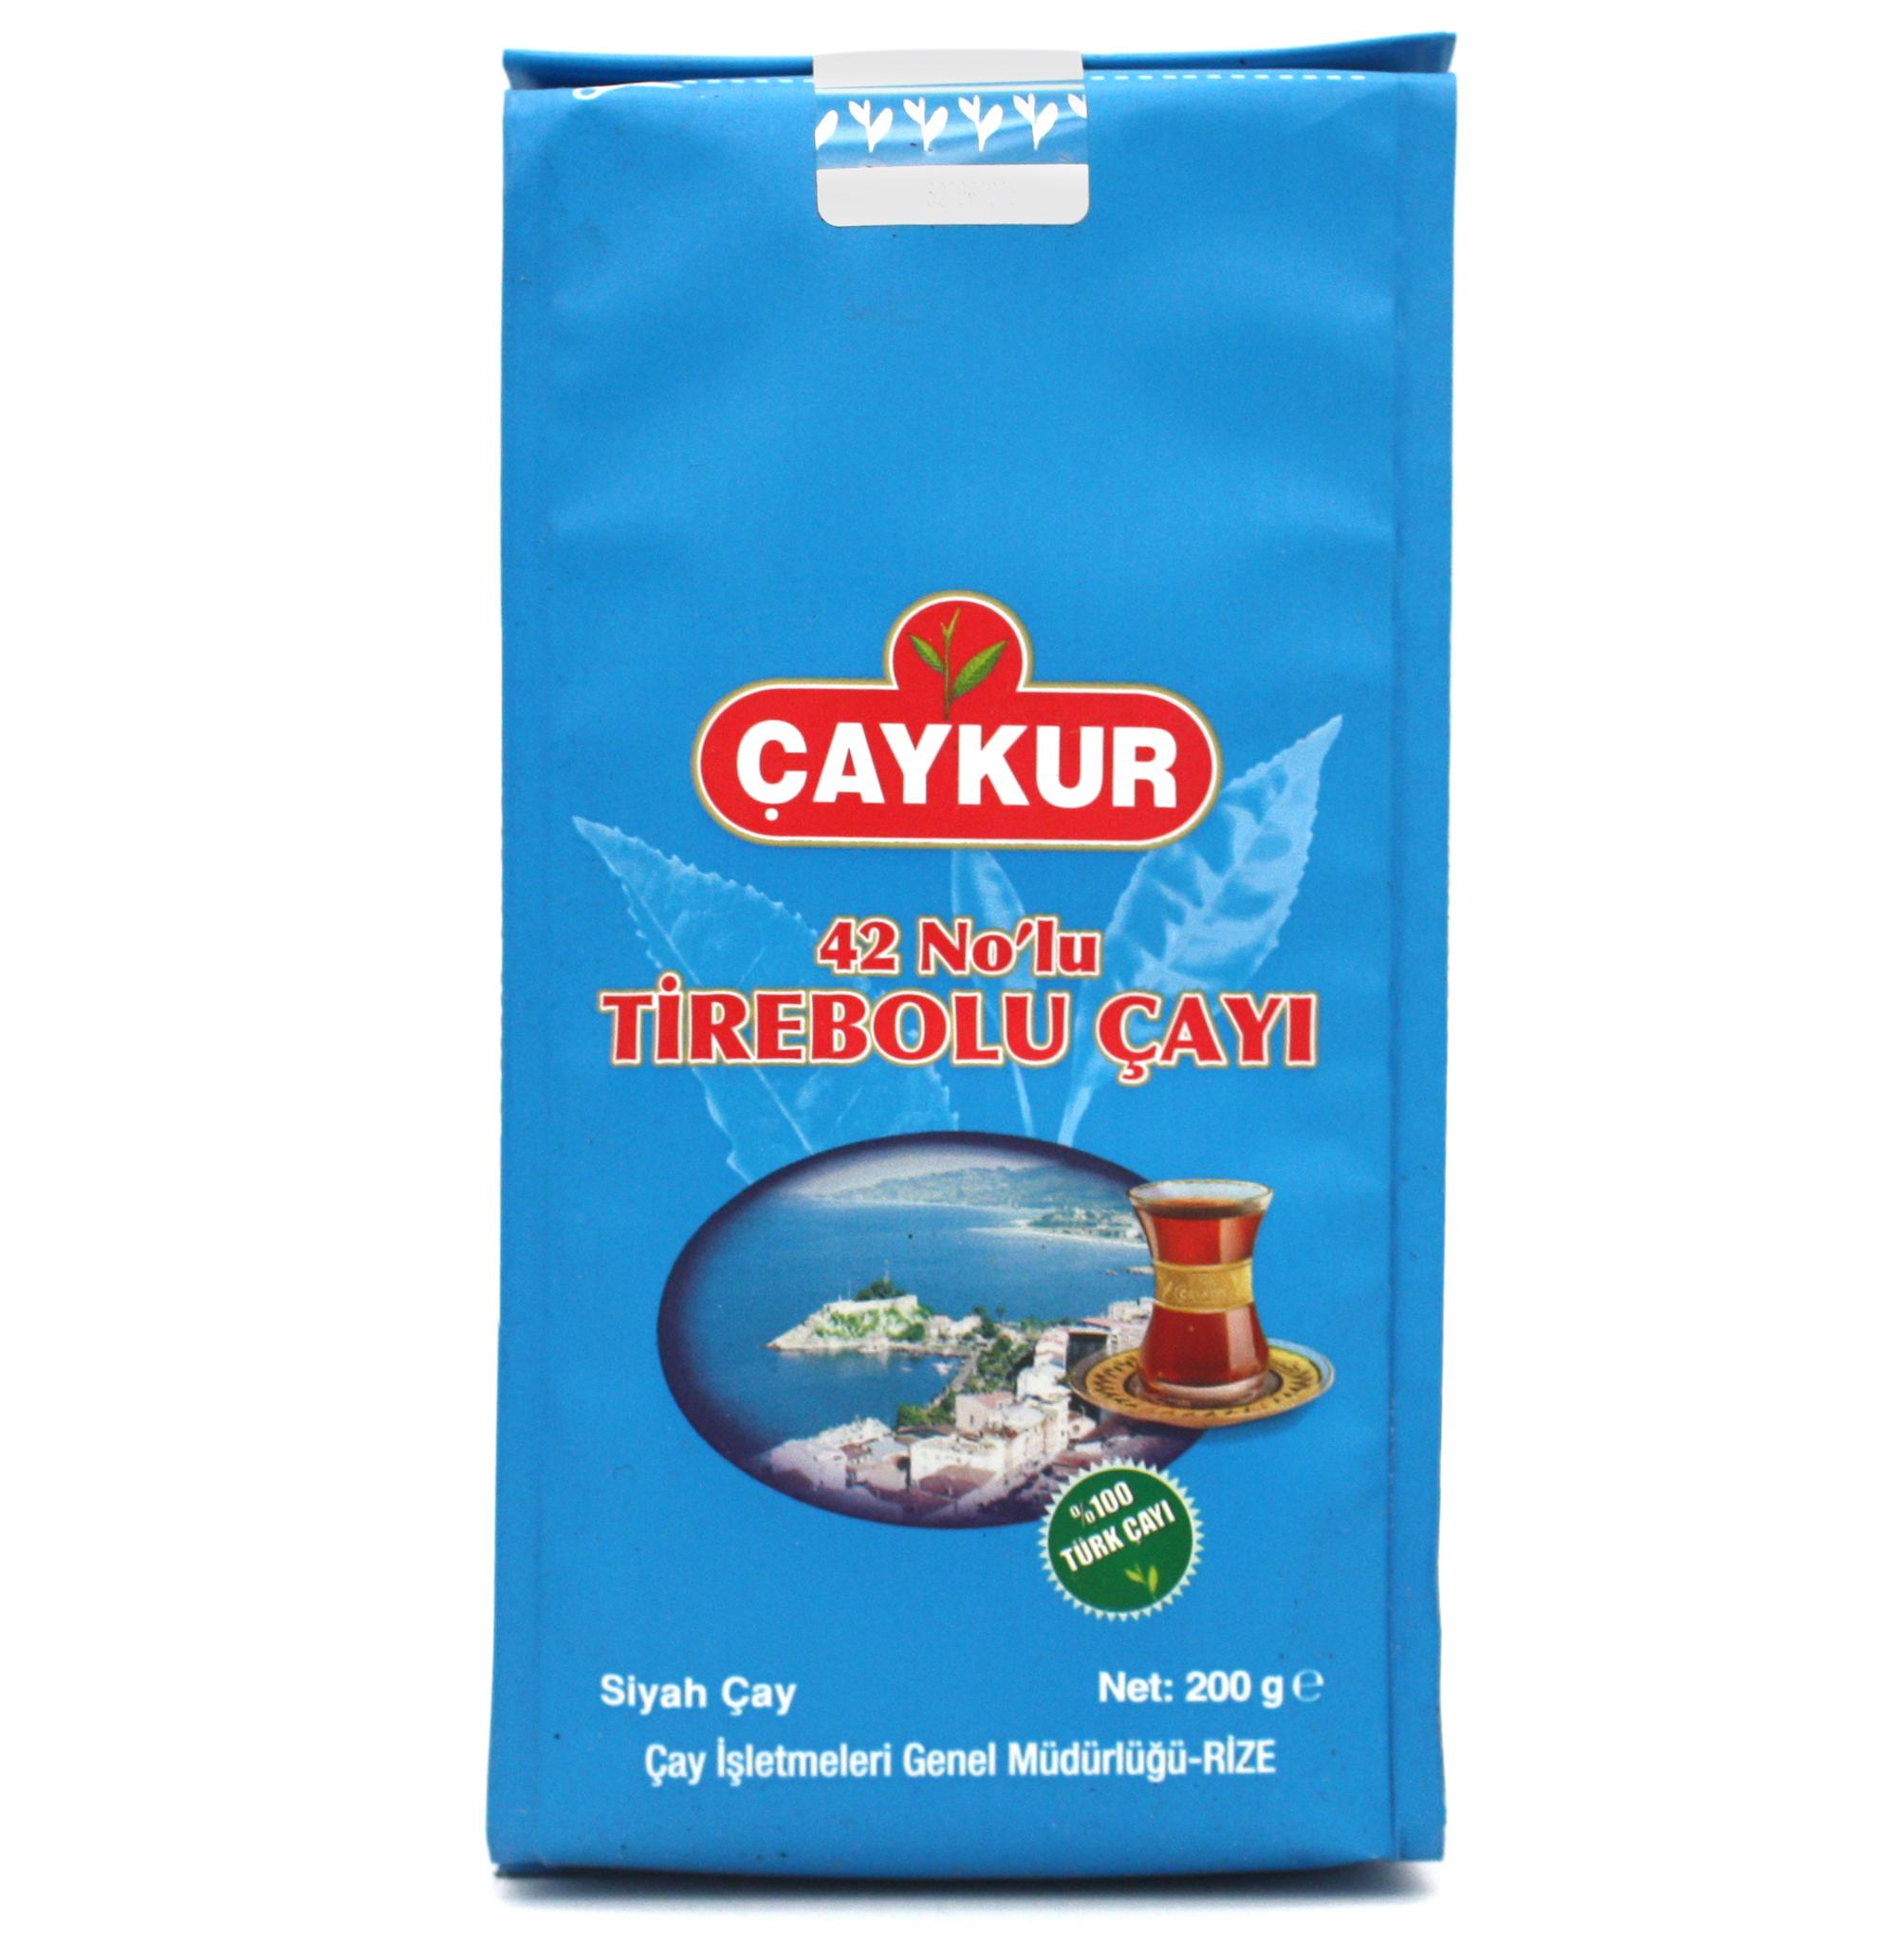 Чай, травяные напитки Турецкий черный чай Tirebolu №42, Çaykur, 200 г import_files_d9_d9ec986434d611e9a9a6484d7ecee297_727868f735b211e9a9a6484d7ecee297.jpg